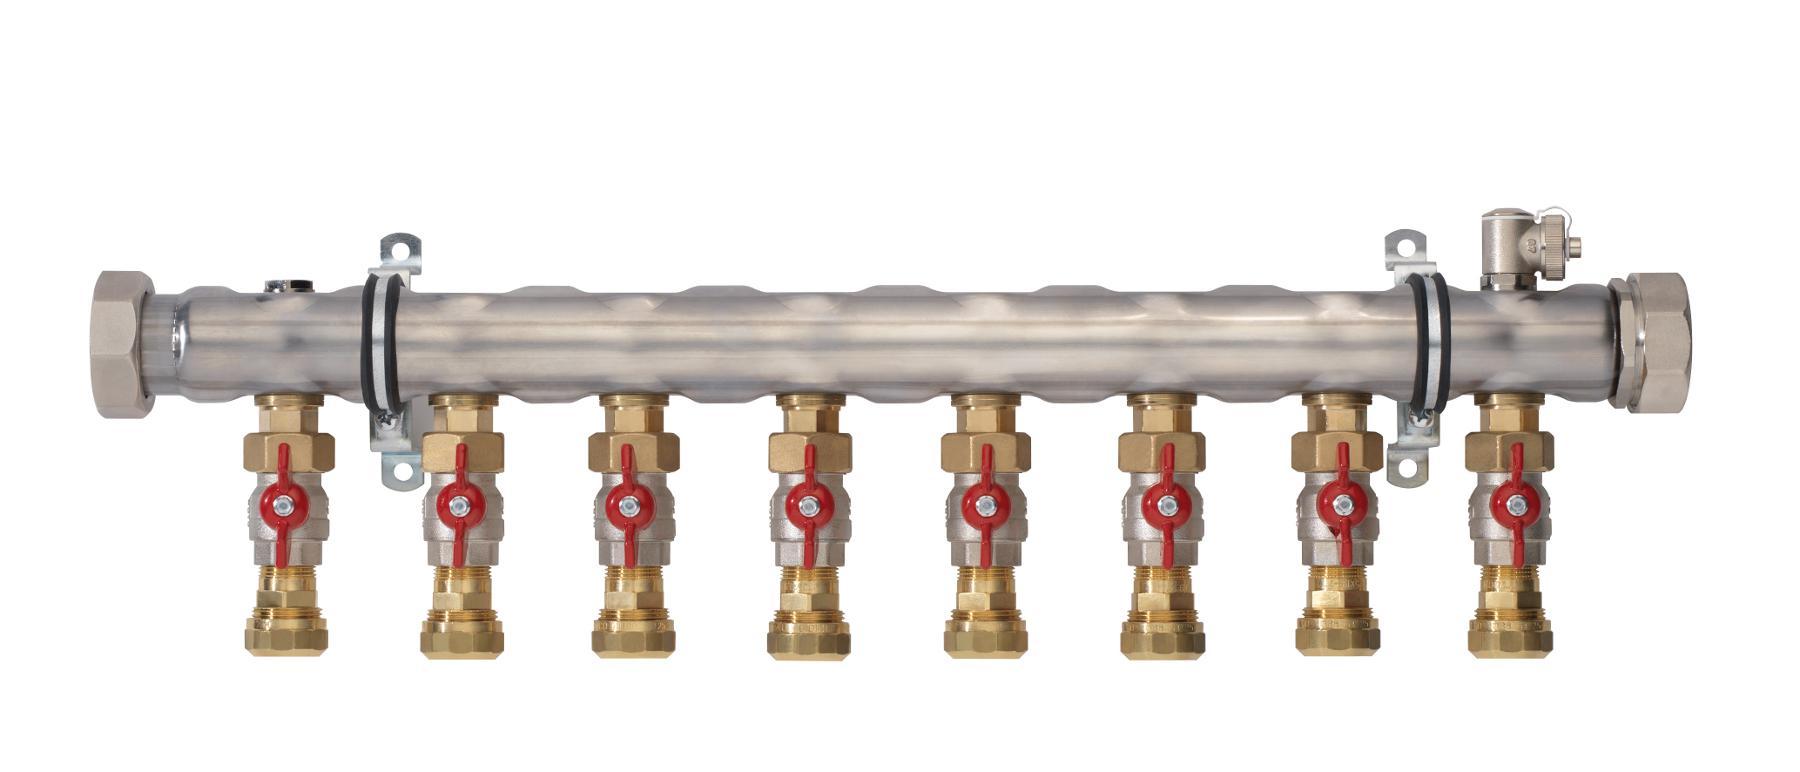 Промышленный коллектор с регулирующими вентилями на 5 контуров